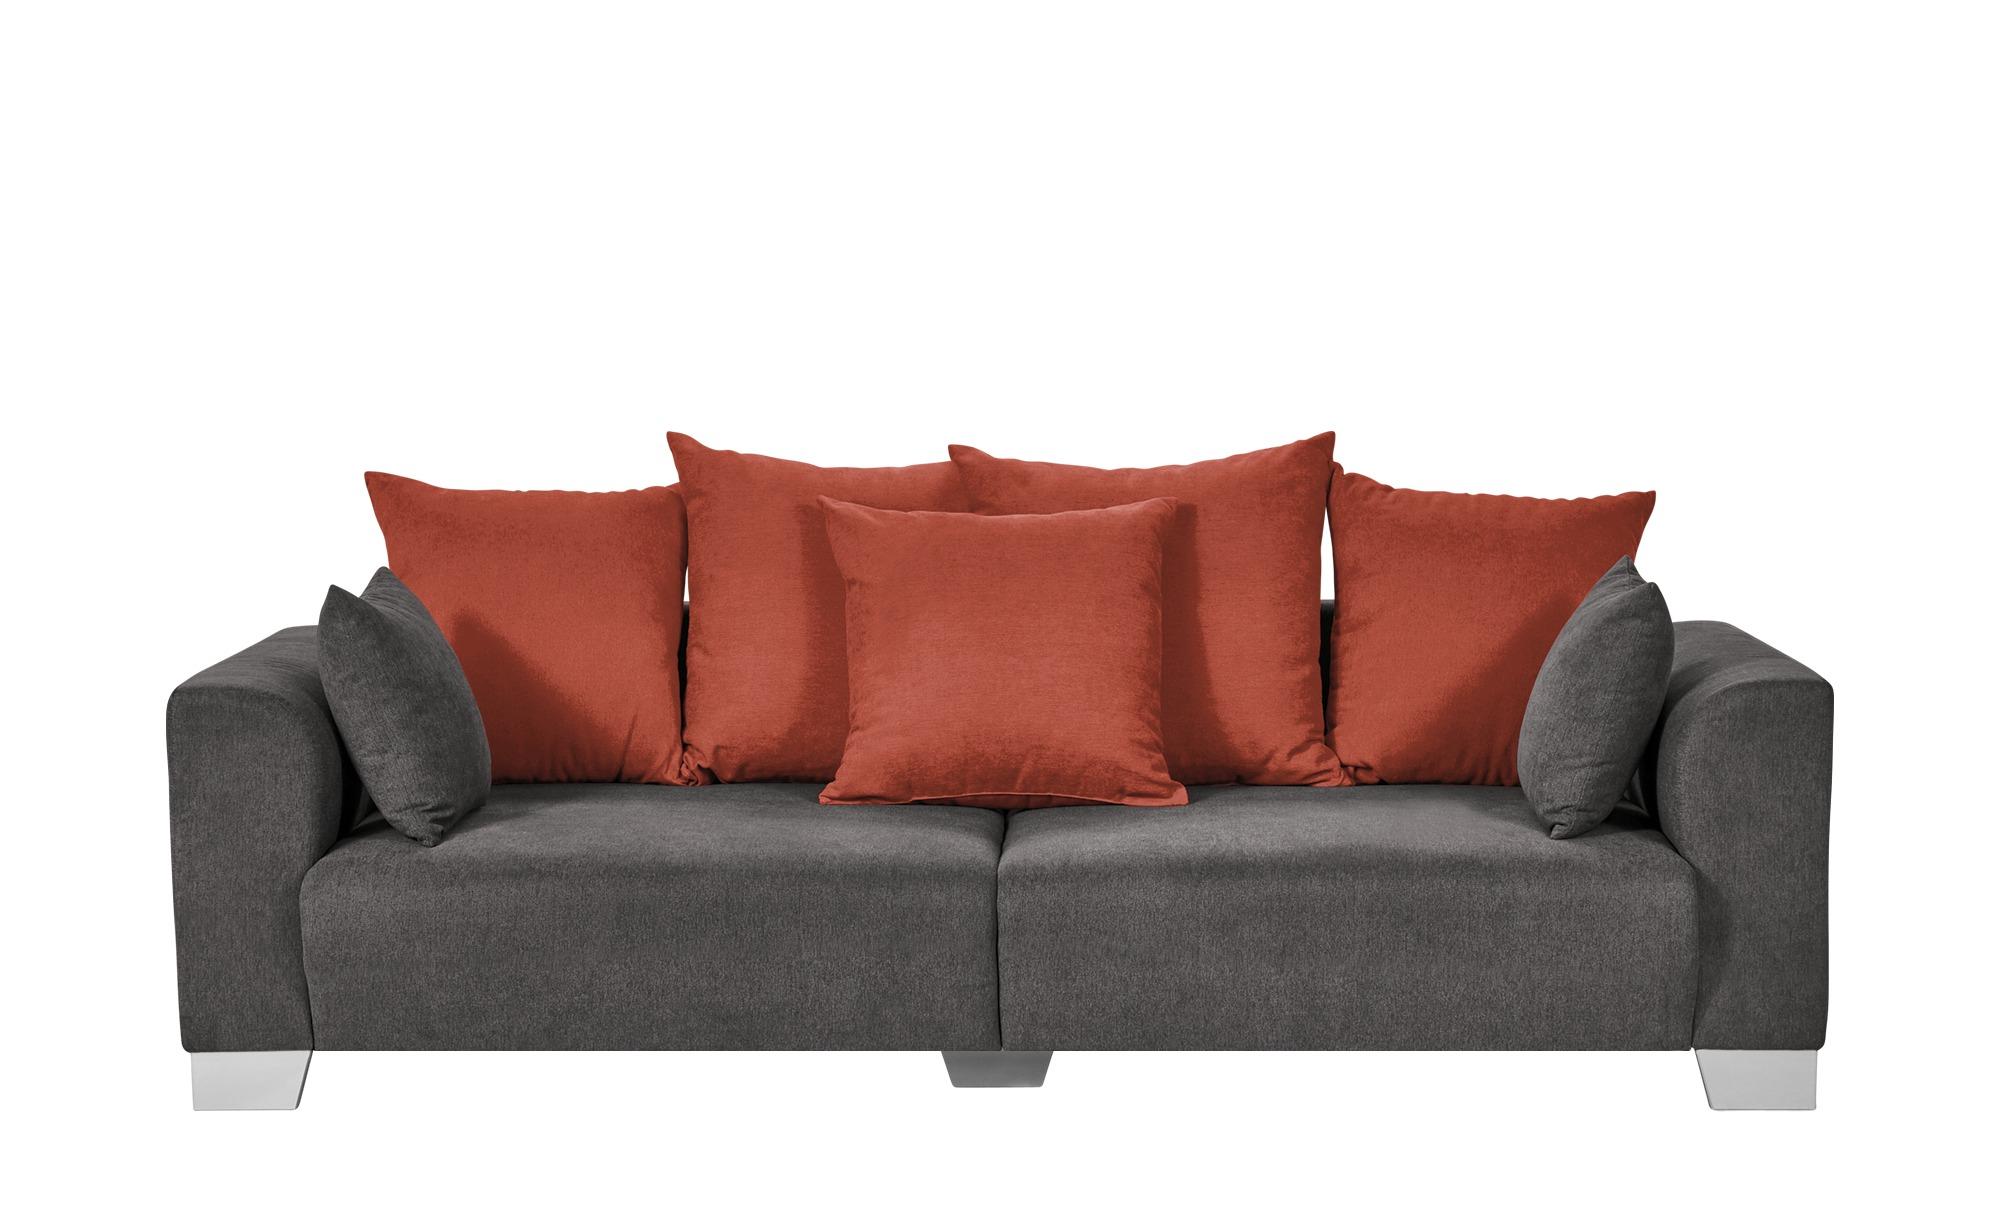 Smart Big Sofa Schlamm Orange Bei Möbel Kraft Online Kaufen